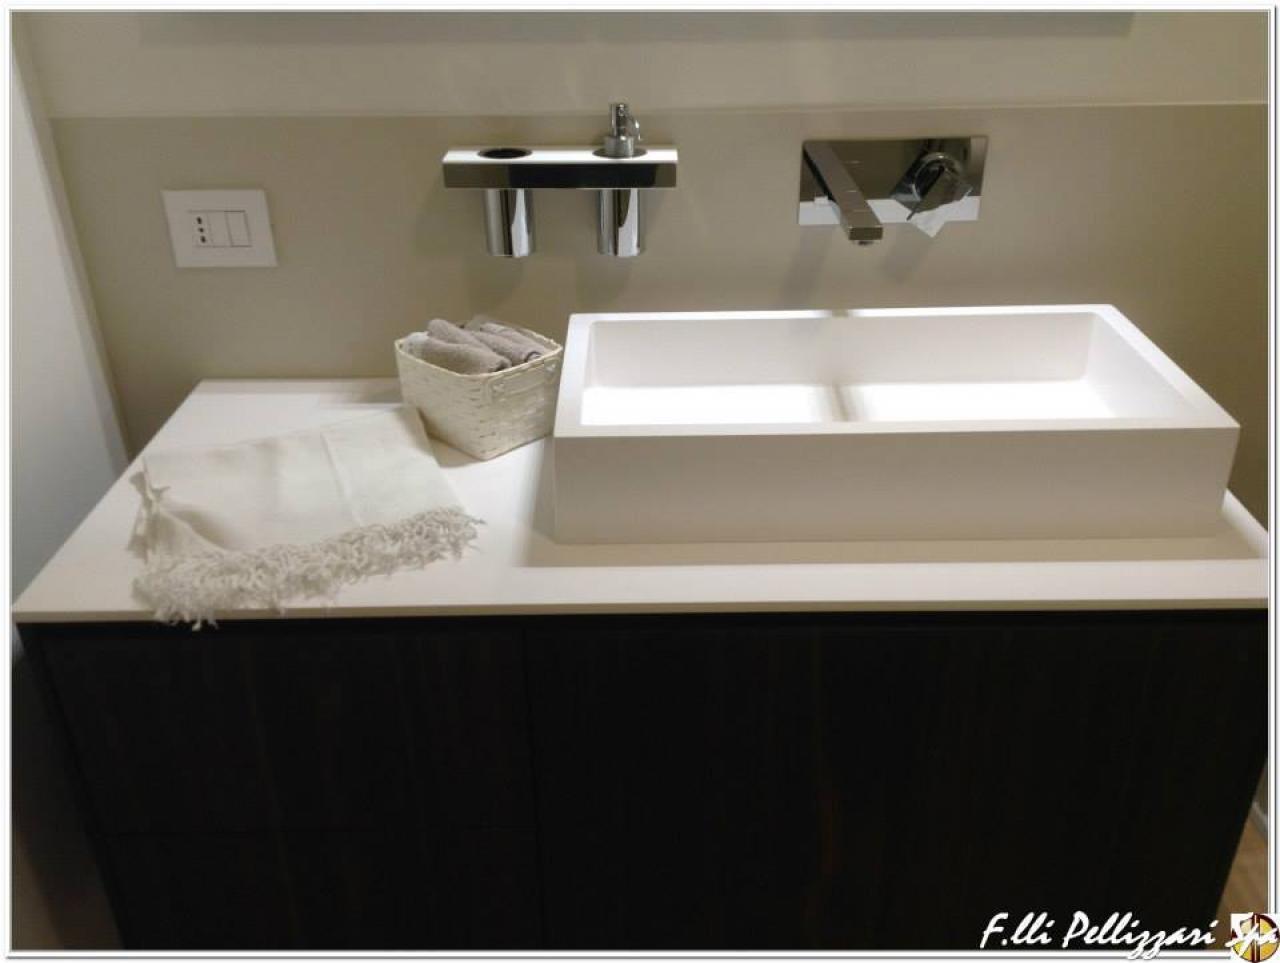 Lavello Bagno Con Mobile : Il mobile per il bagno fratelli pellizzari